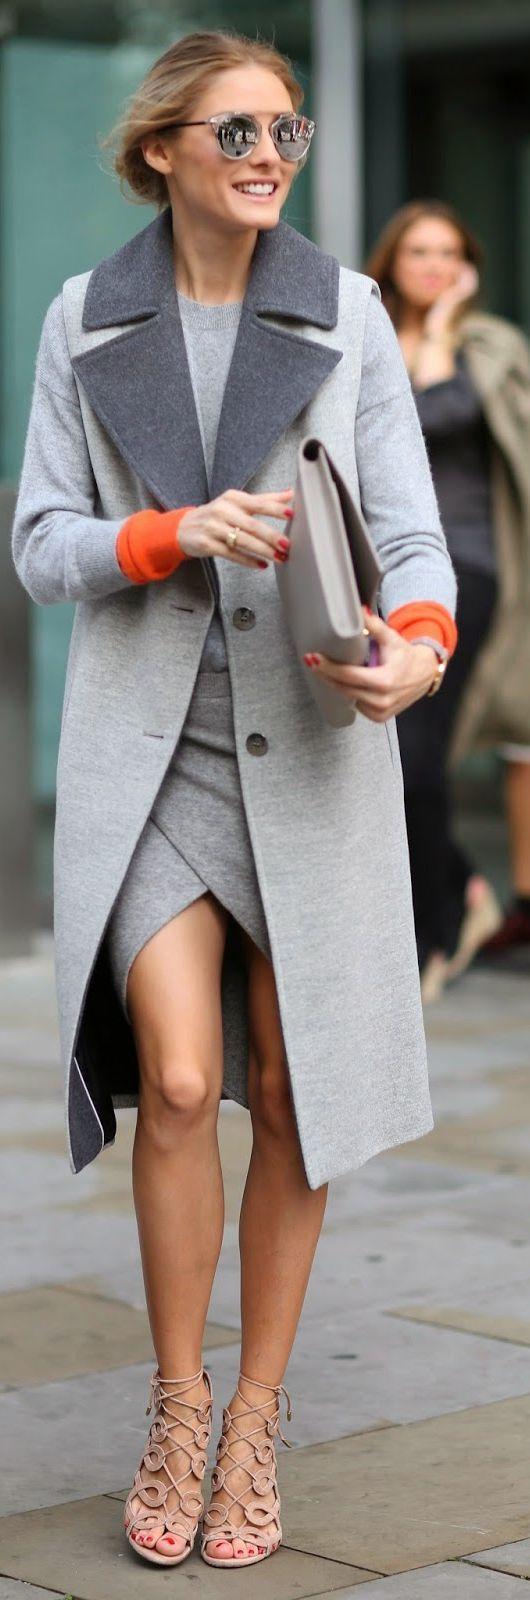 Inspiração #estilo #moda #fashion #style: